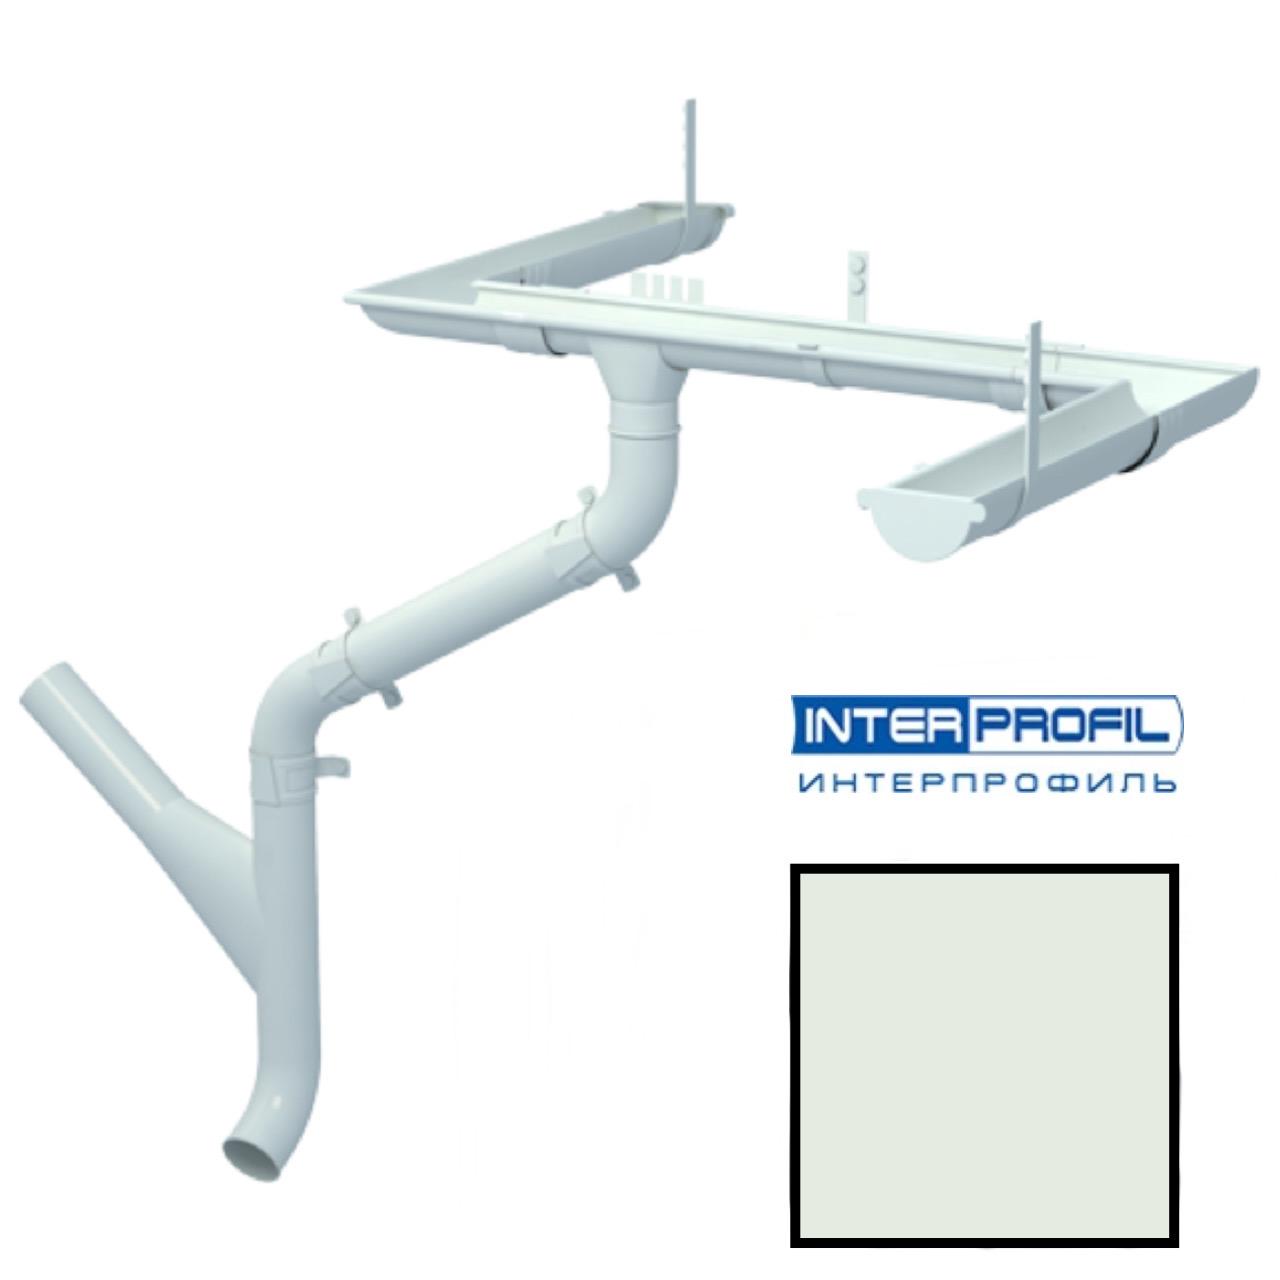 Металлический водосток Interprofil 125/90 RAL 9002 (серый) (Гранит)